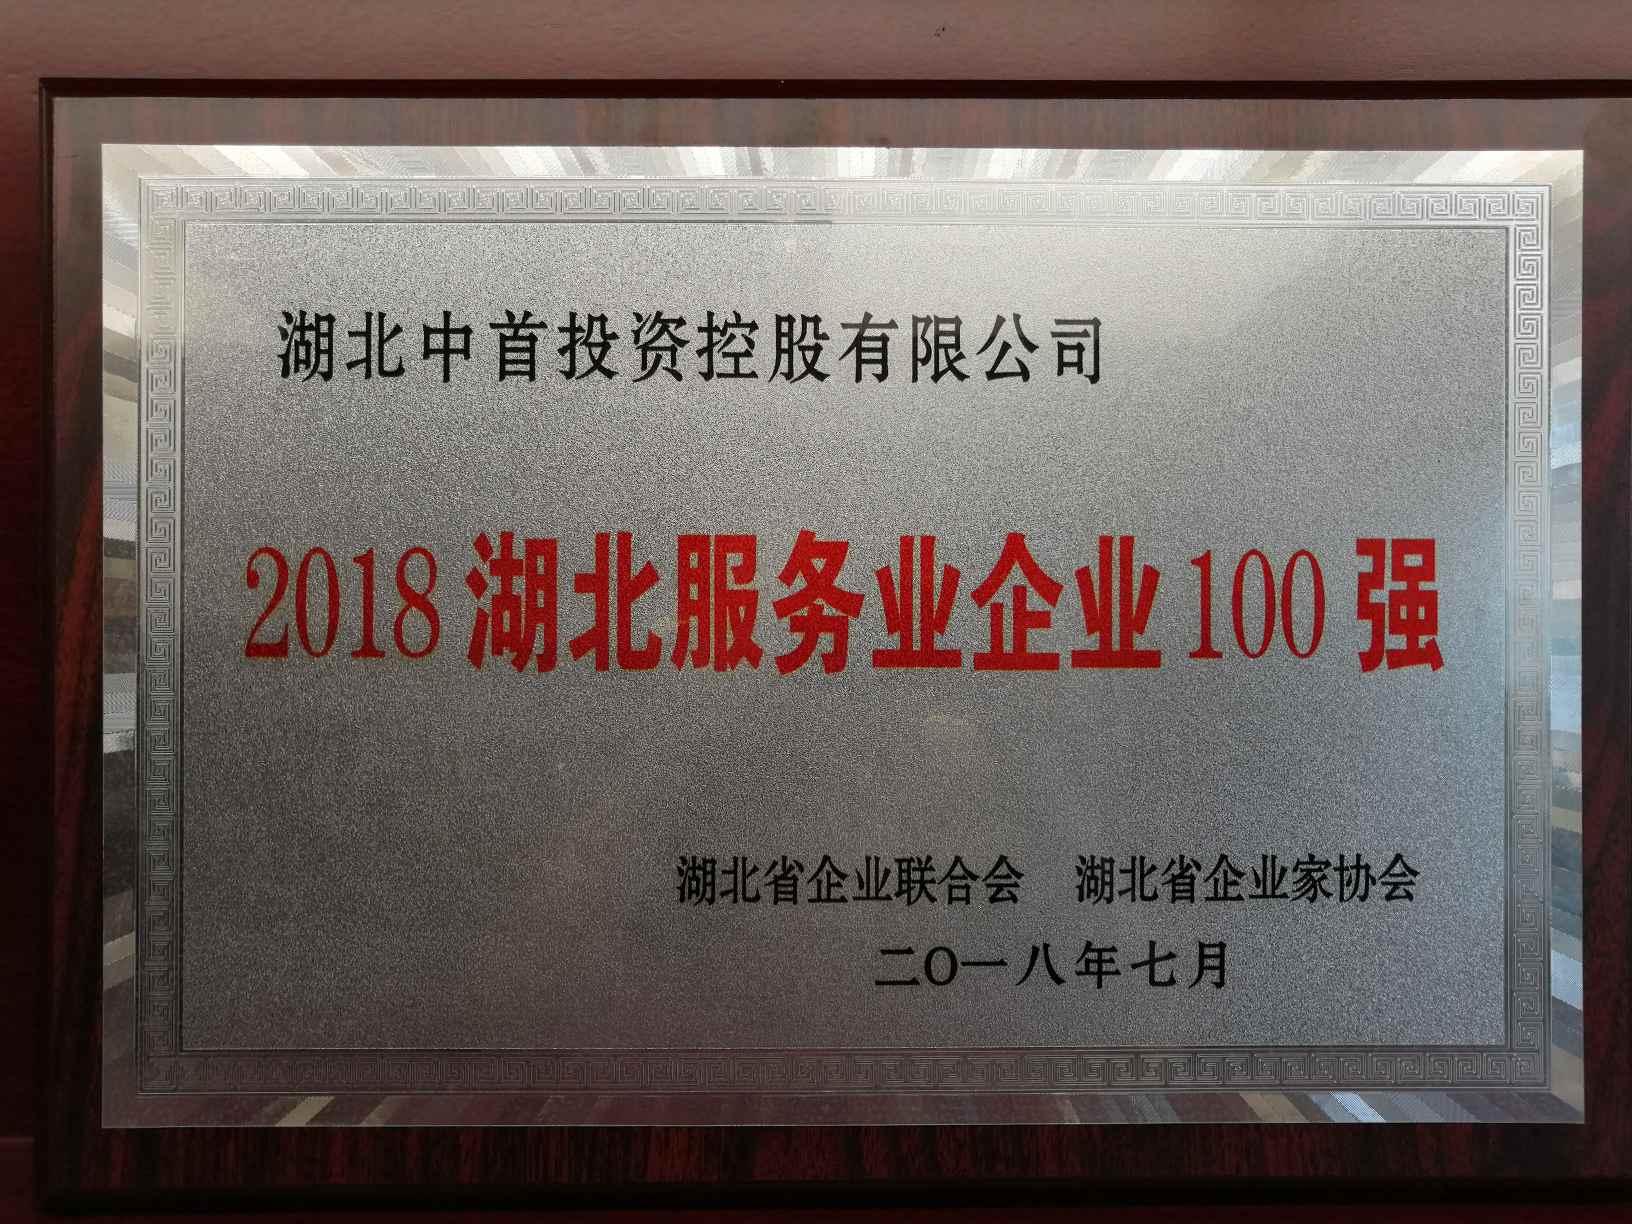 热烈祝贺天天彩票app下载安装控股荣获2018多项荣誉称号